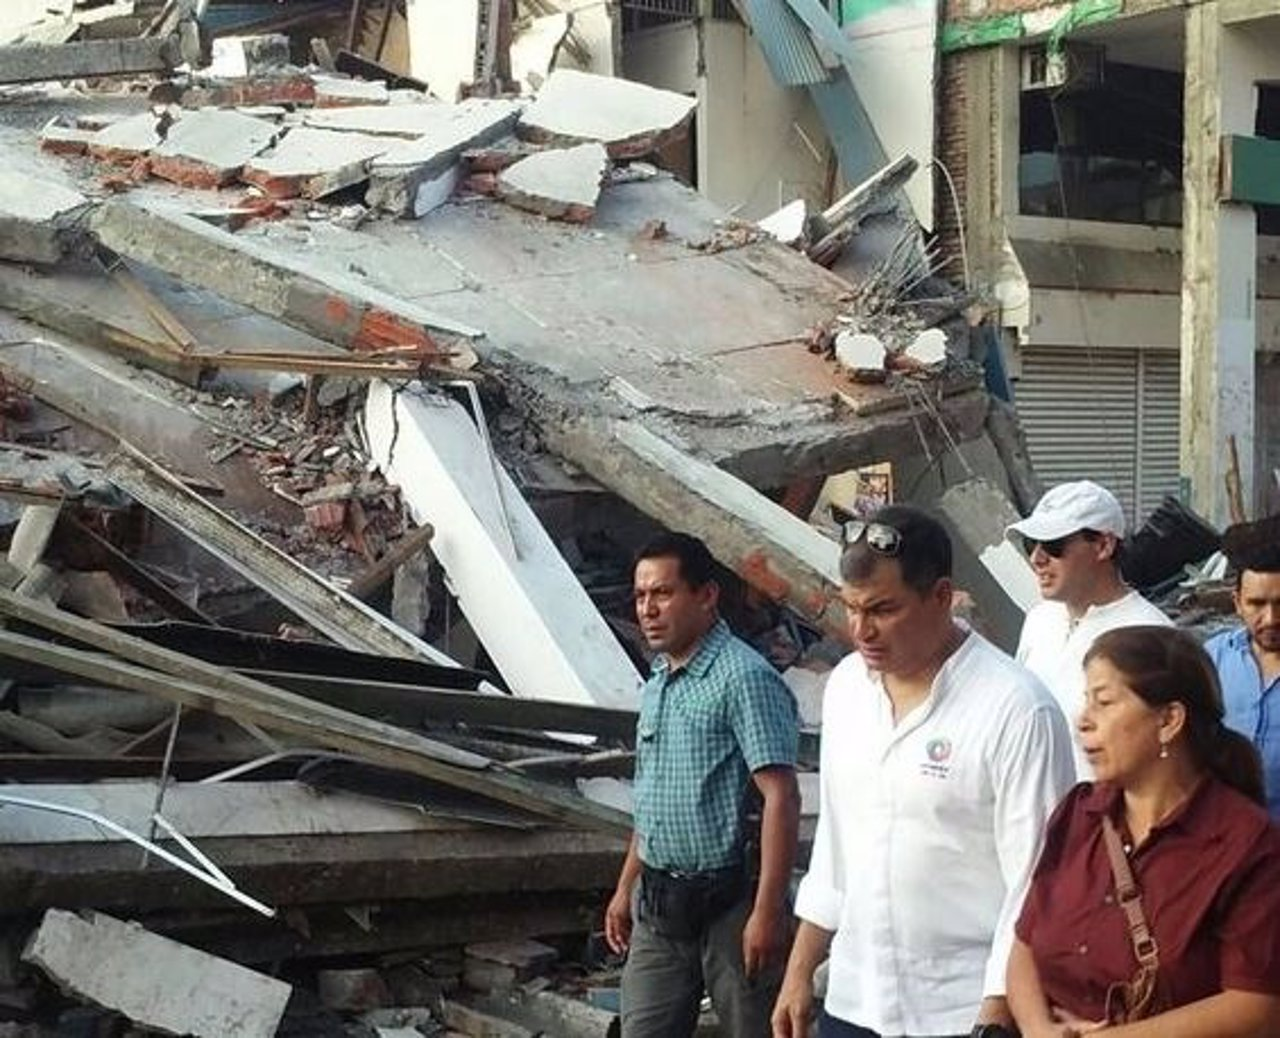 El presidente ecuatoriano, Rafael Correa, en la zona afectada por el terremoto